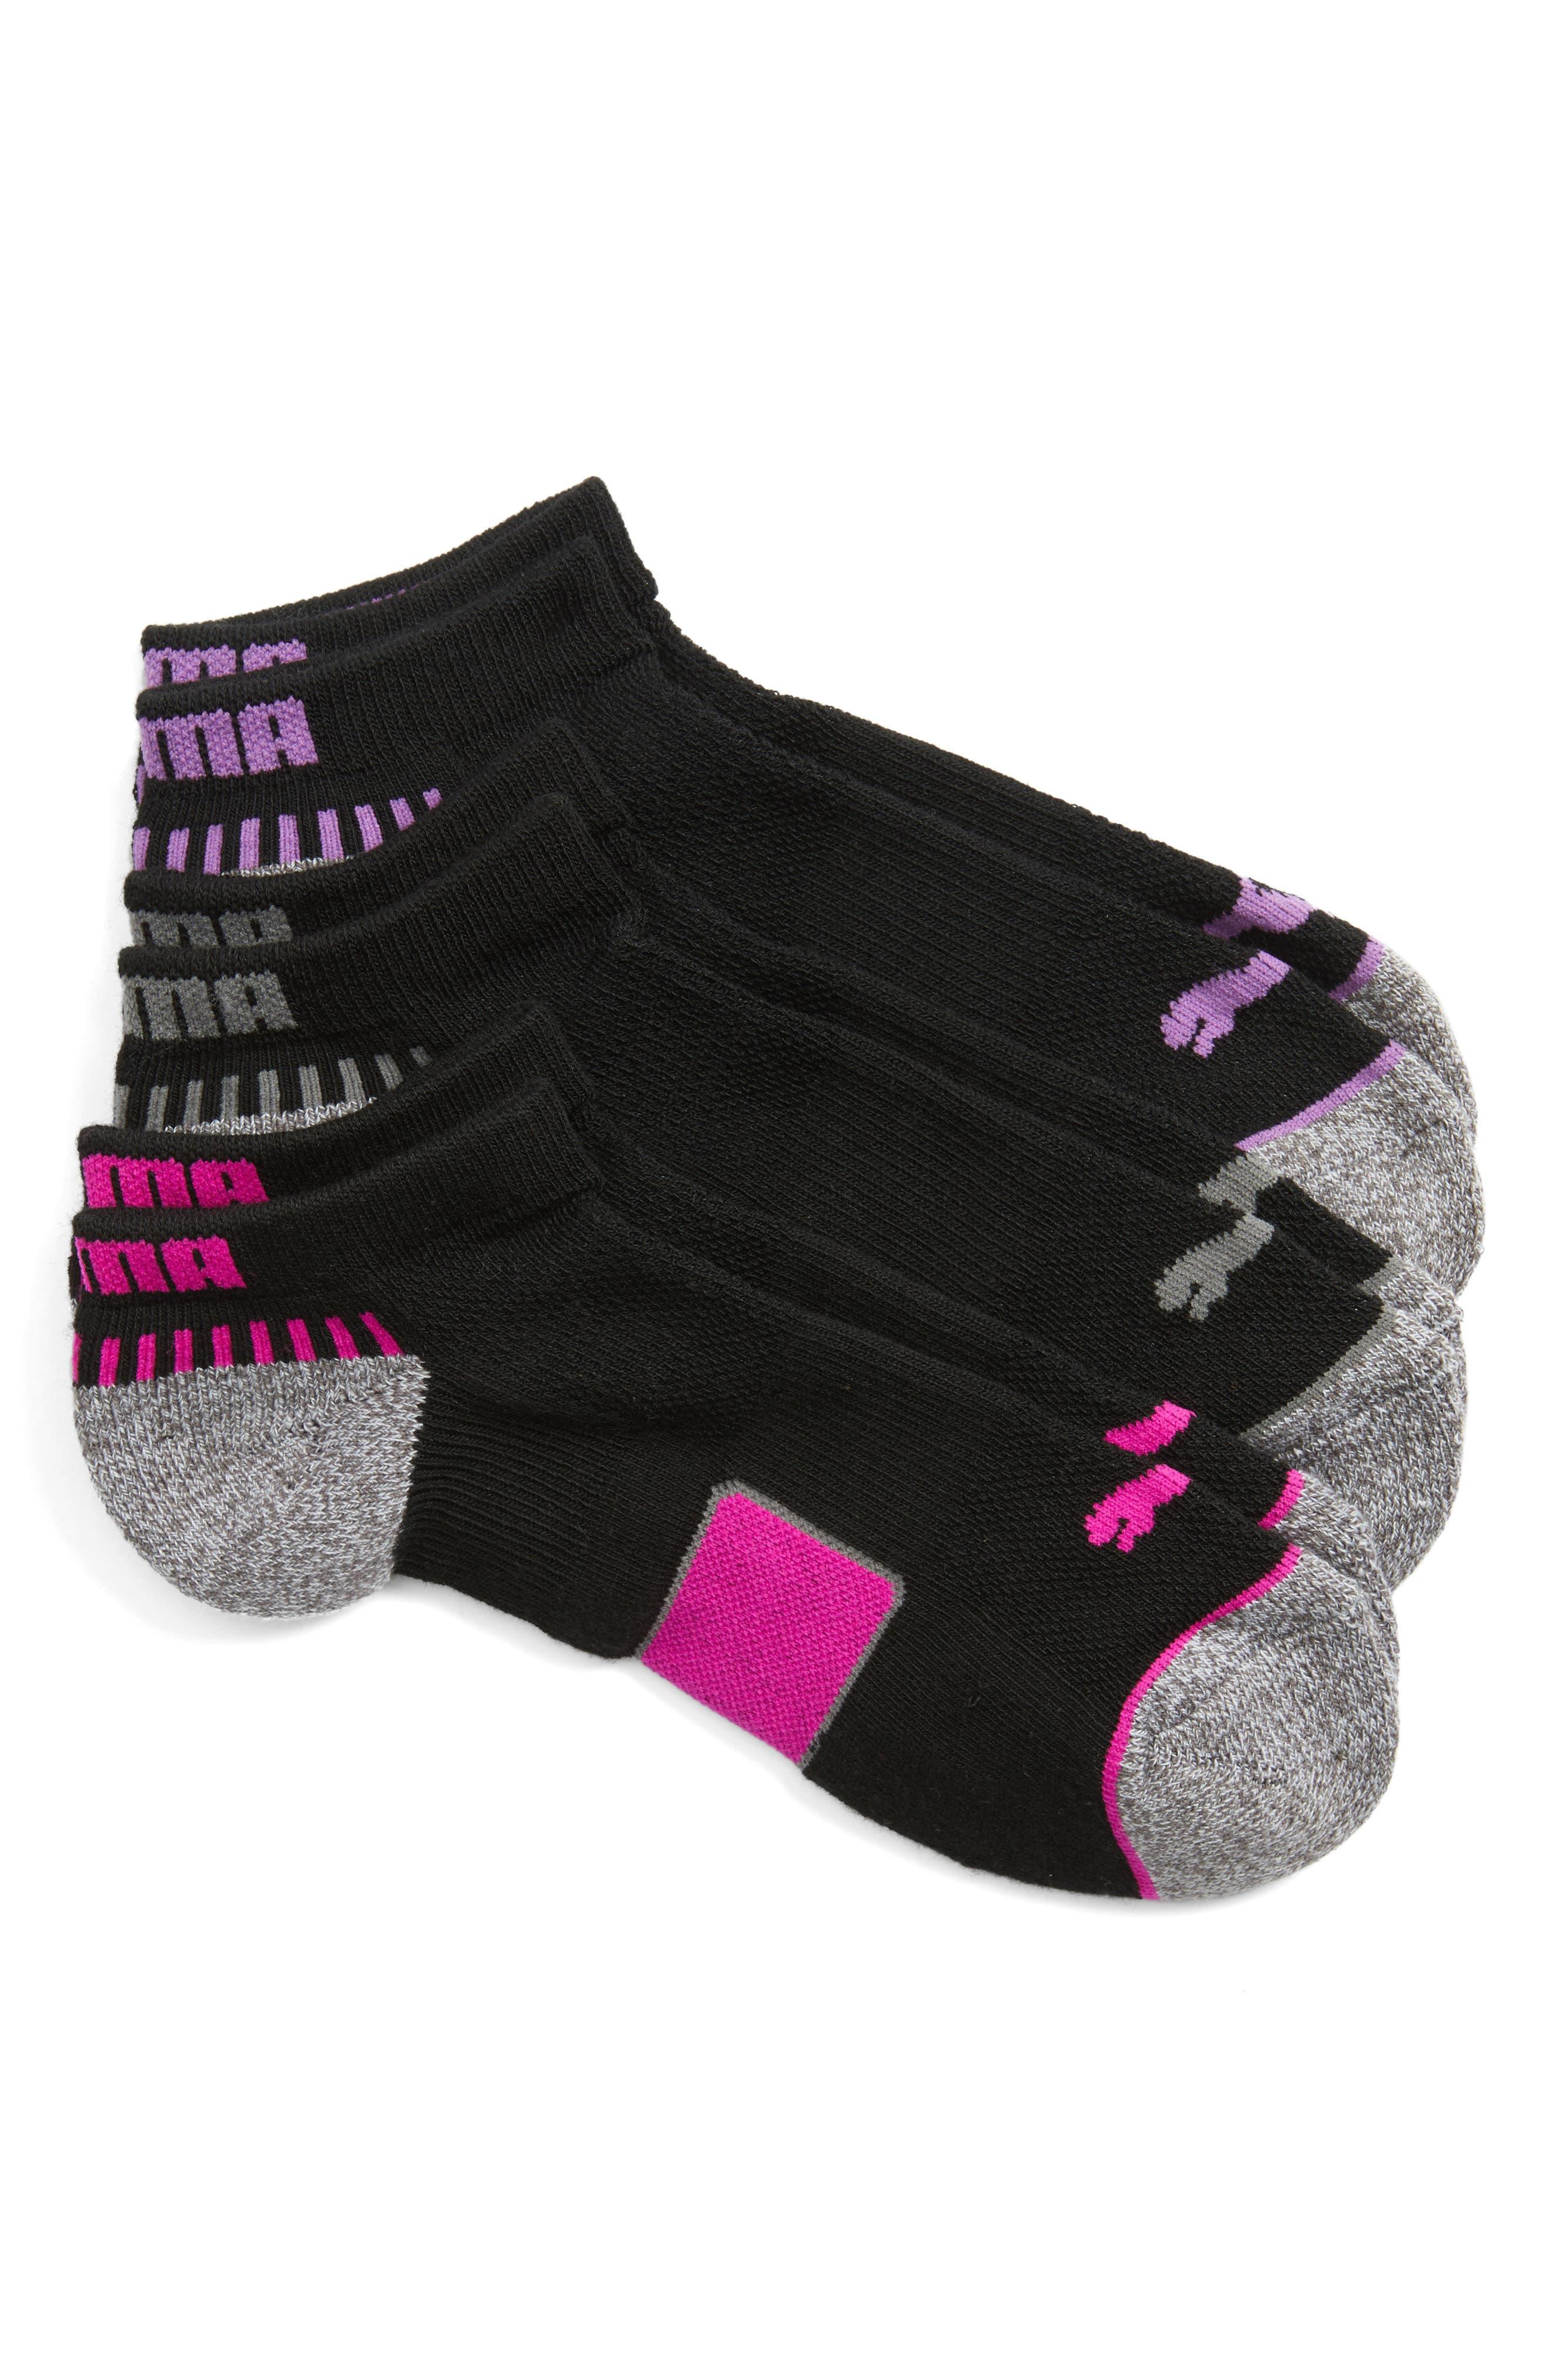 PUMA 3-Pack Low Cut Footie Socks